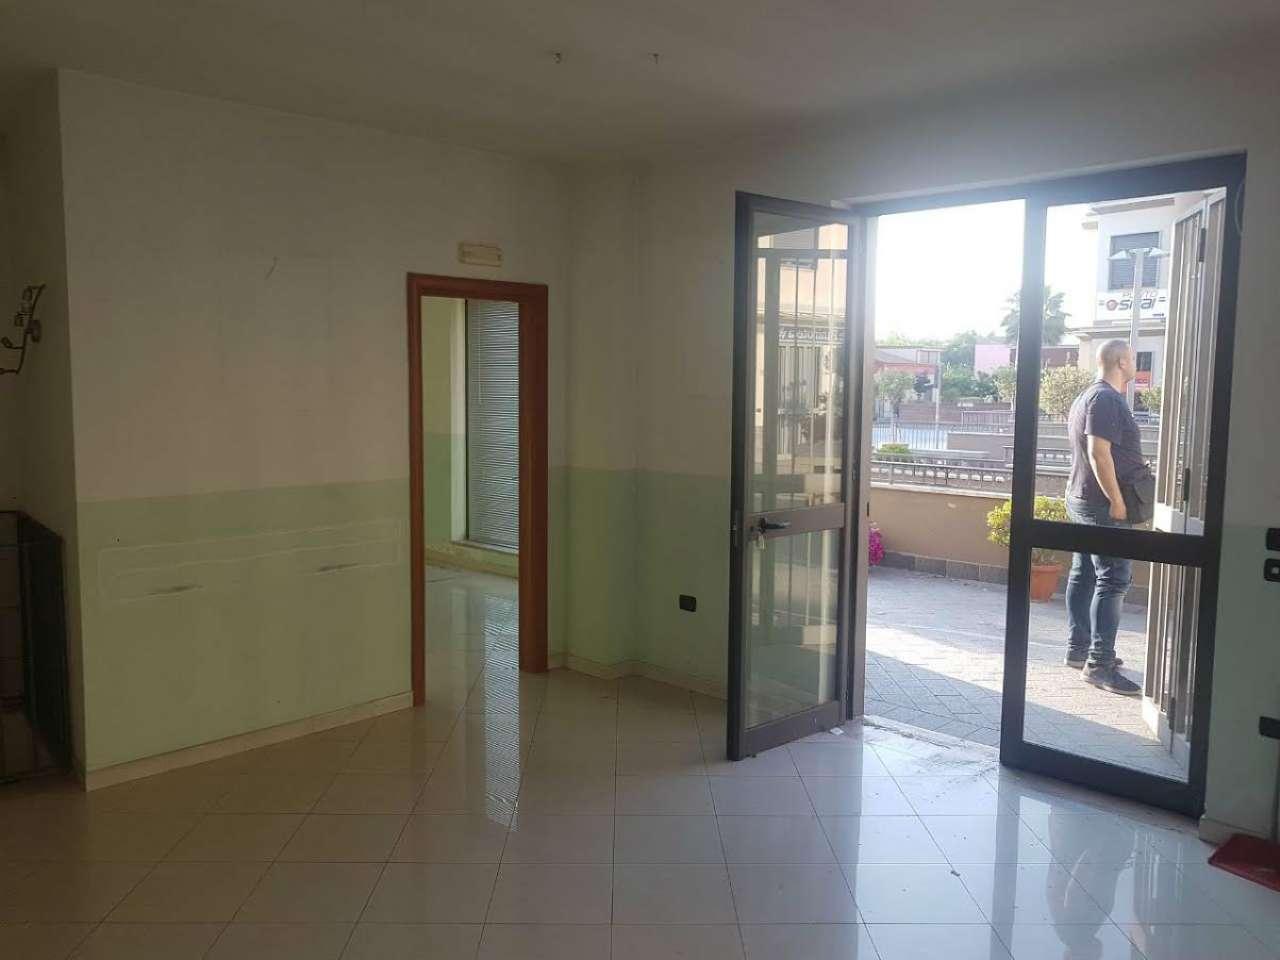 Negozio / Locale in vendita a Saviano, 9999 locali, Trattative riservate | Cambio Casa.it